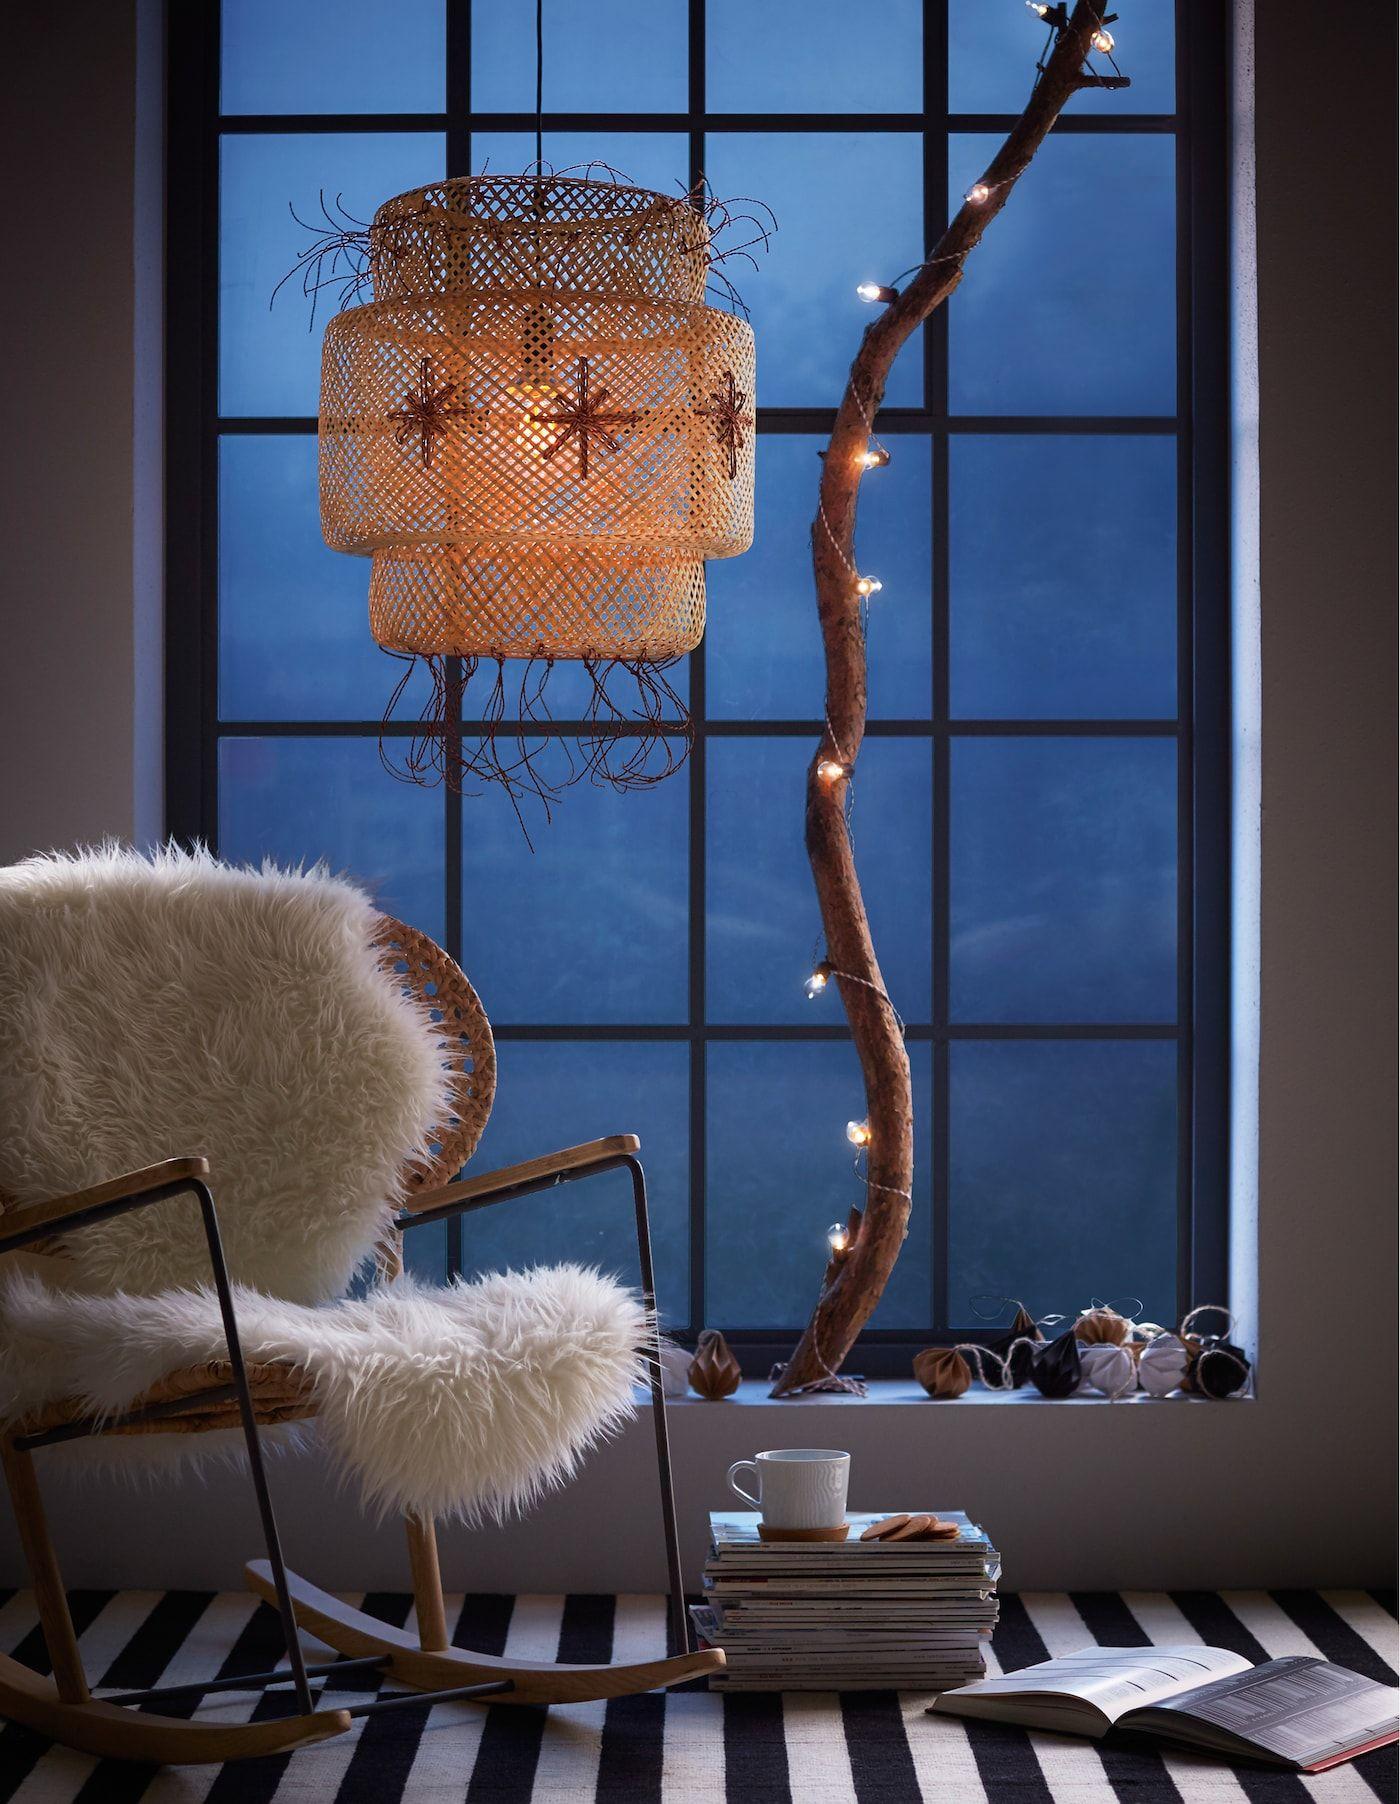 Weihnachtsbeleuchtung: Fenster ganz festlich